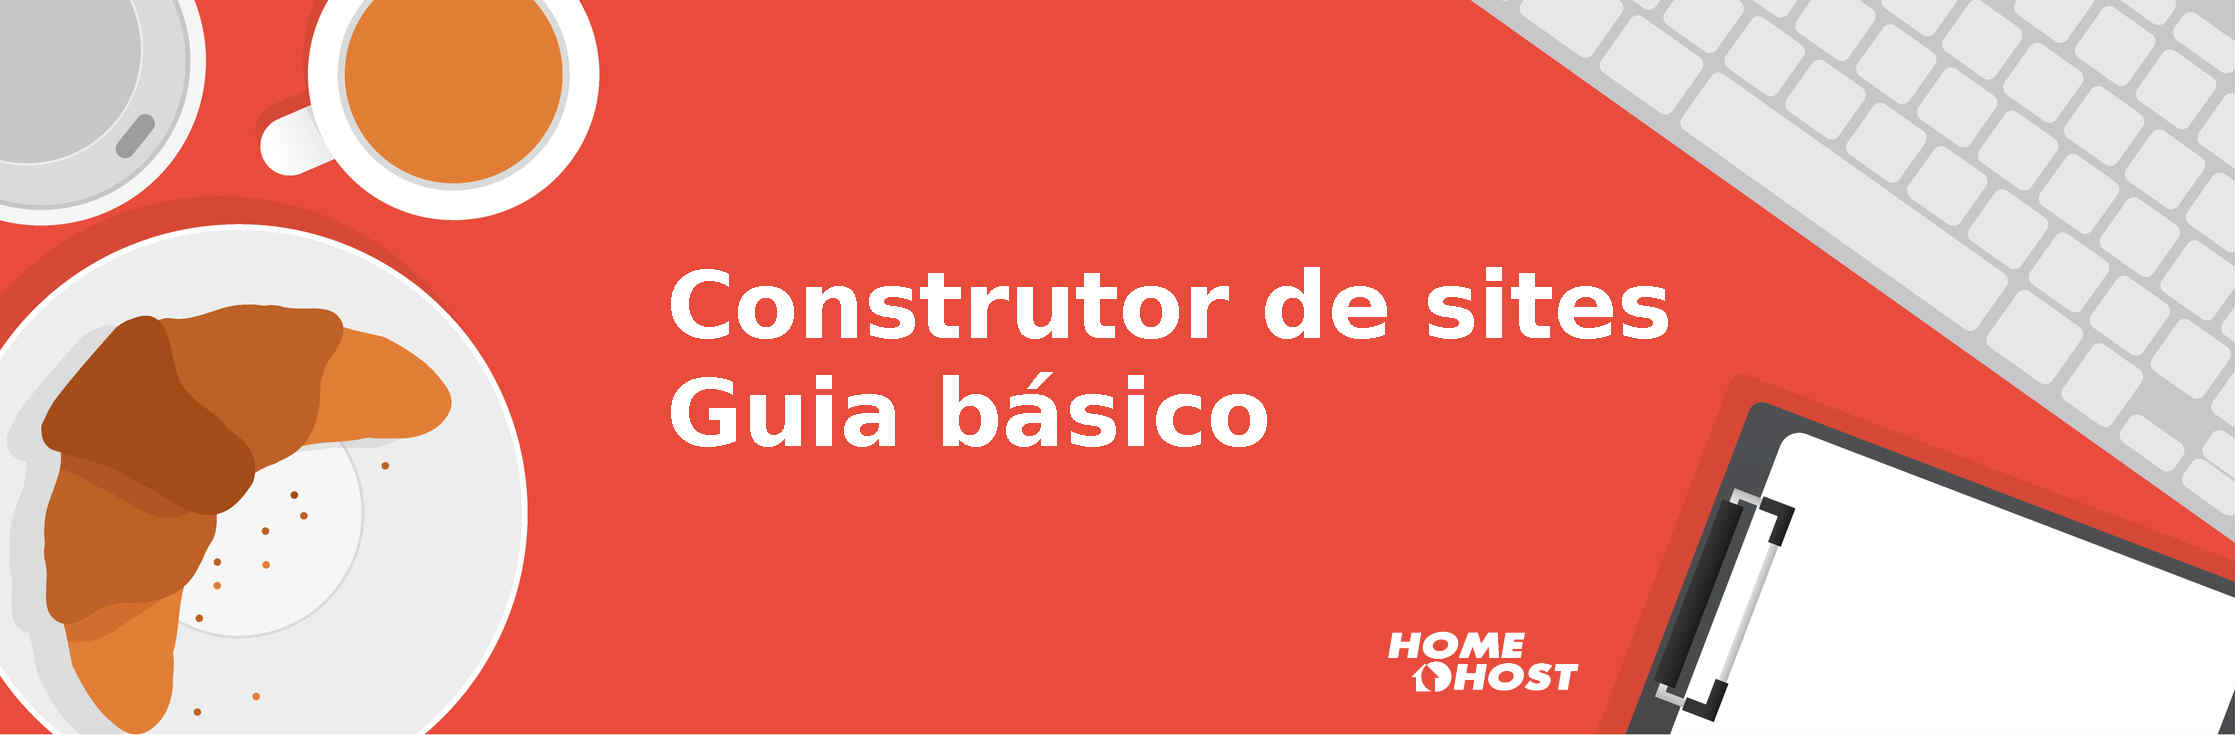 header-construtor-de-sites